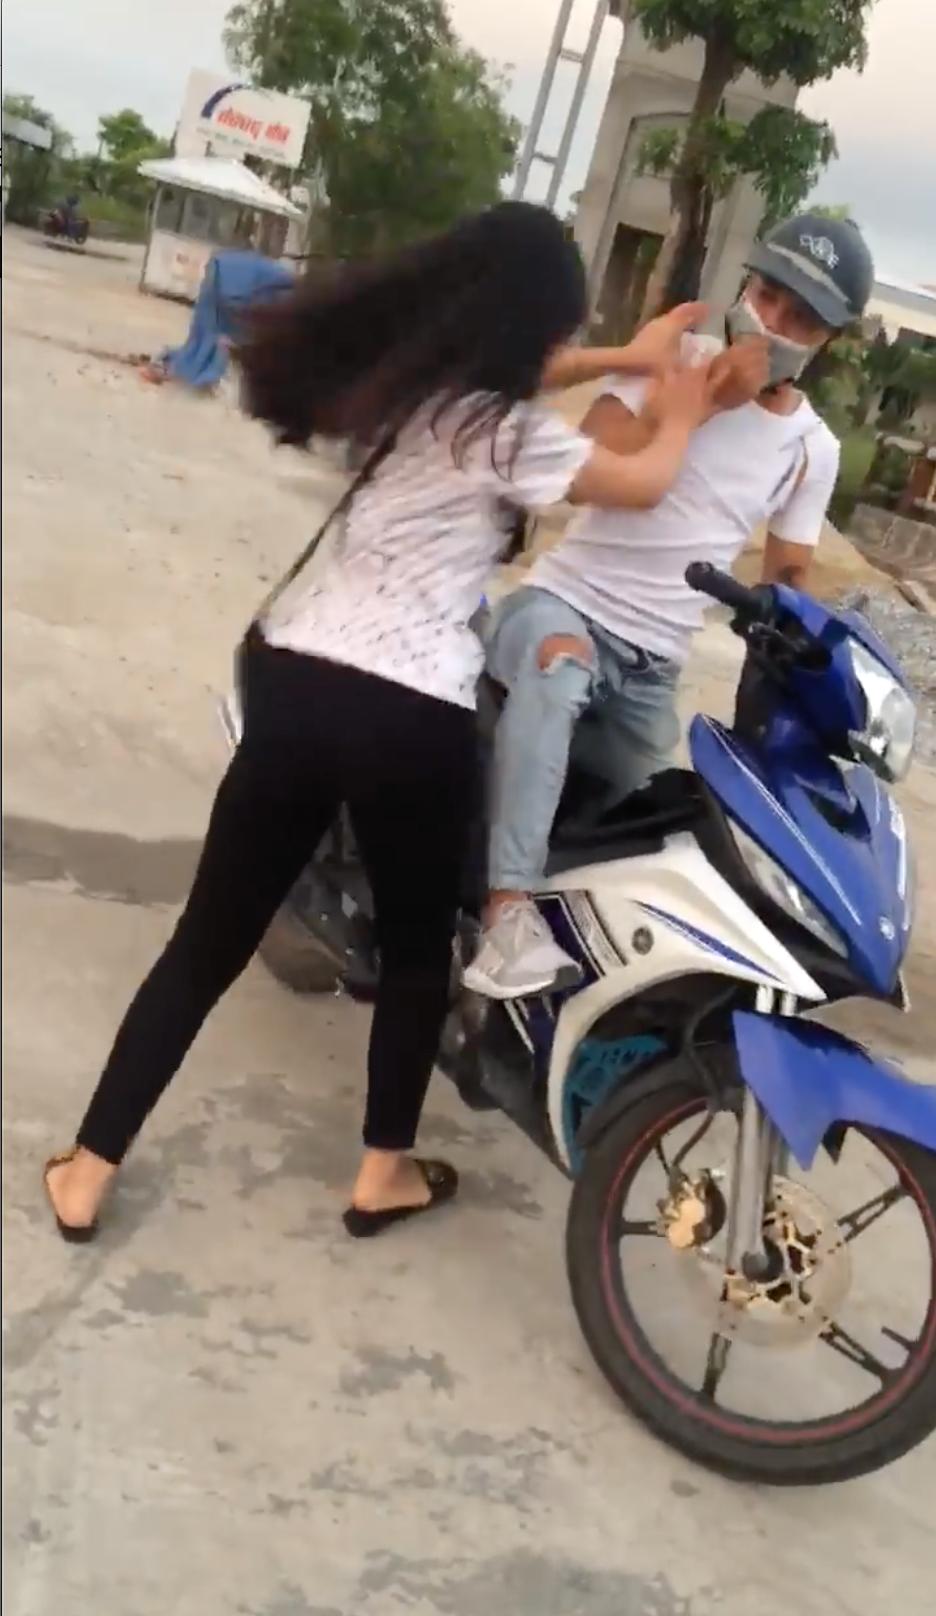 Bắc Ninh: Tán tỉnh rồi hẹn gặp bạn của người yêu, thanh niên họ Sở bị cả hai vạch mặt tại trận - Ảnh 2.